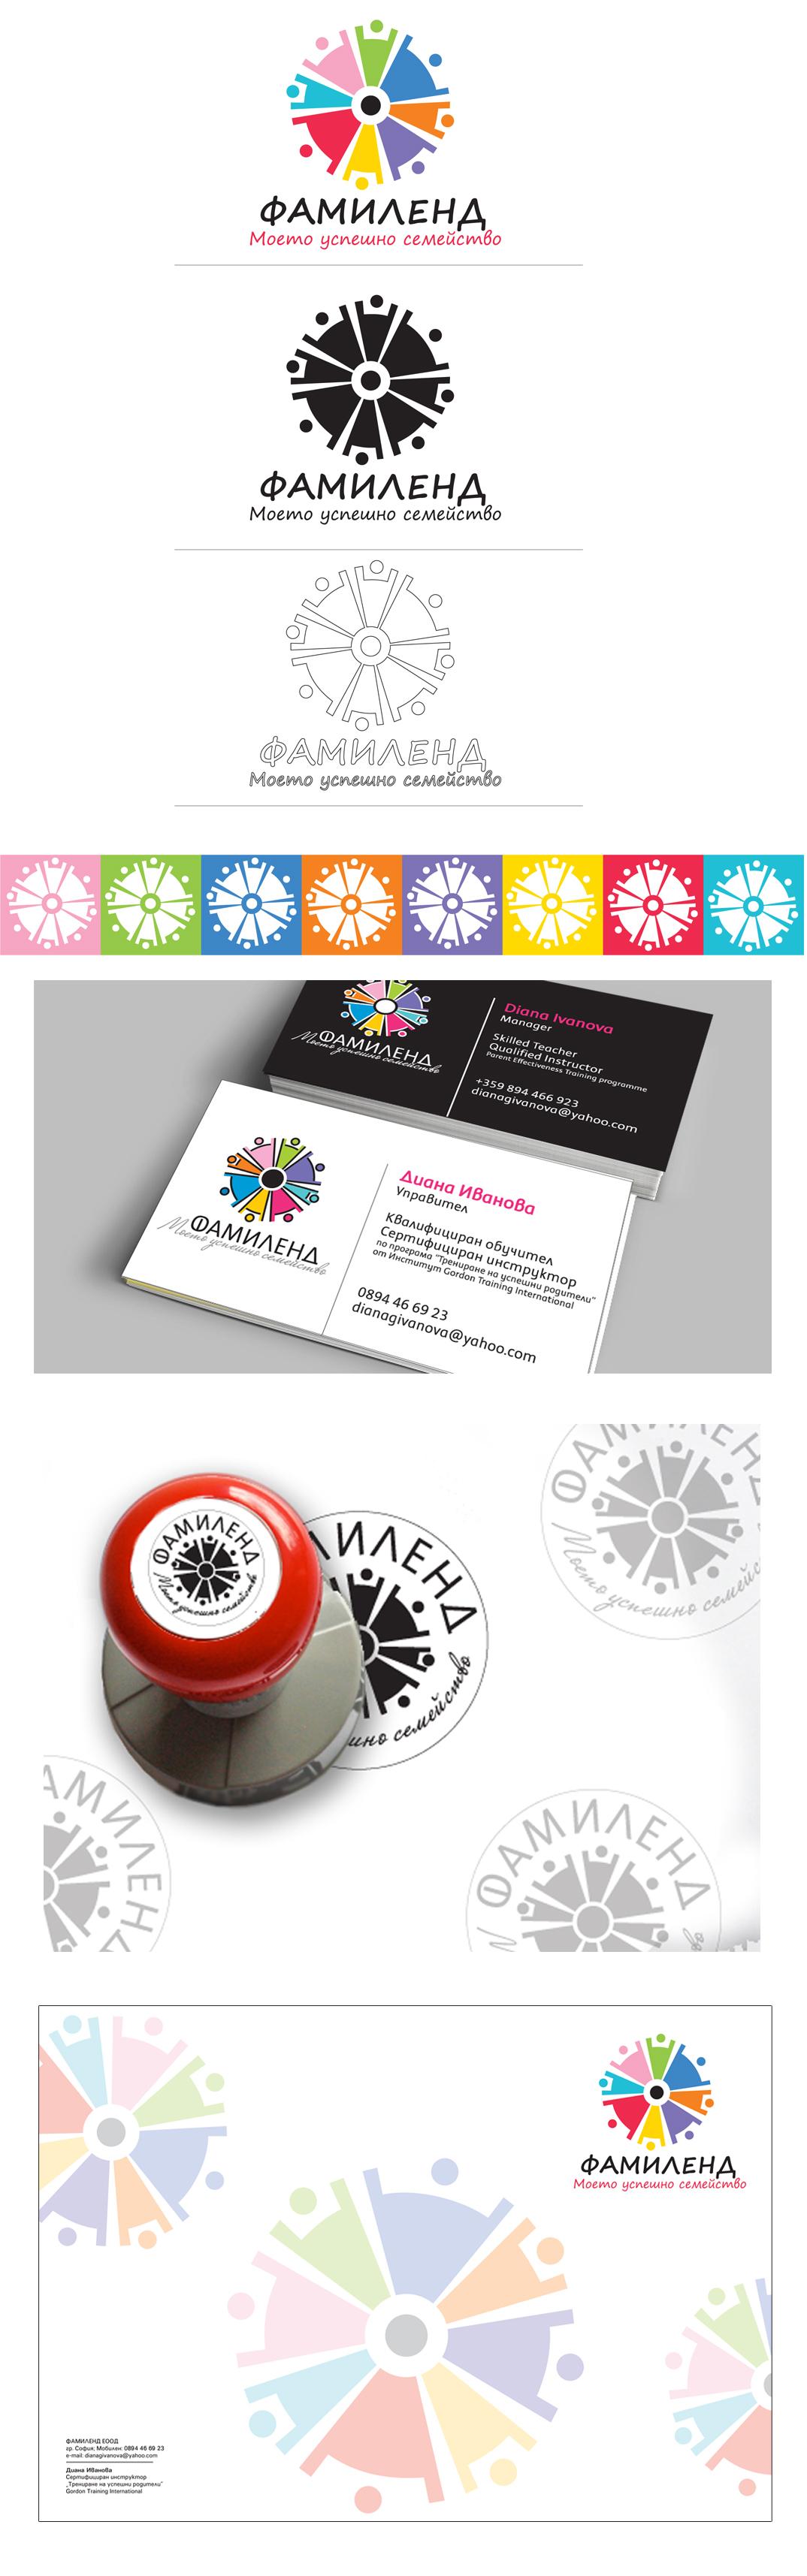 Лого дизайн и идентичност на ФАМИЛИЛЕНД